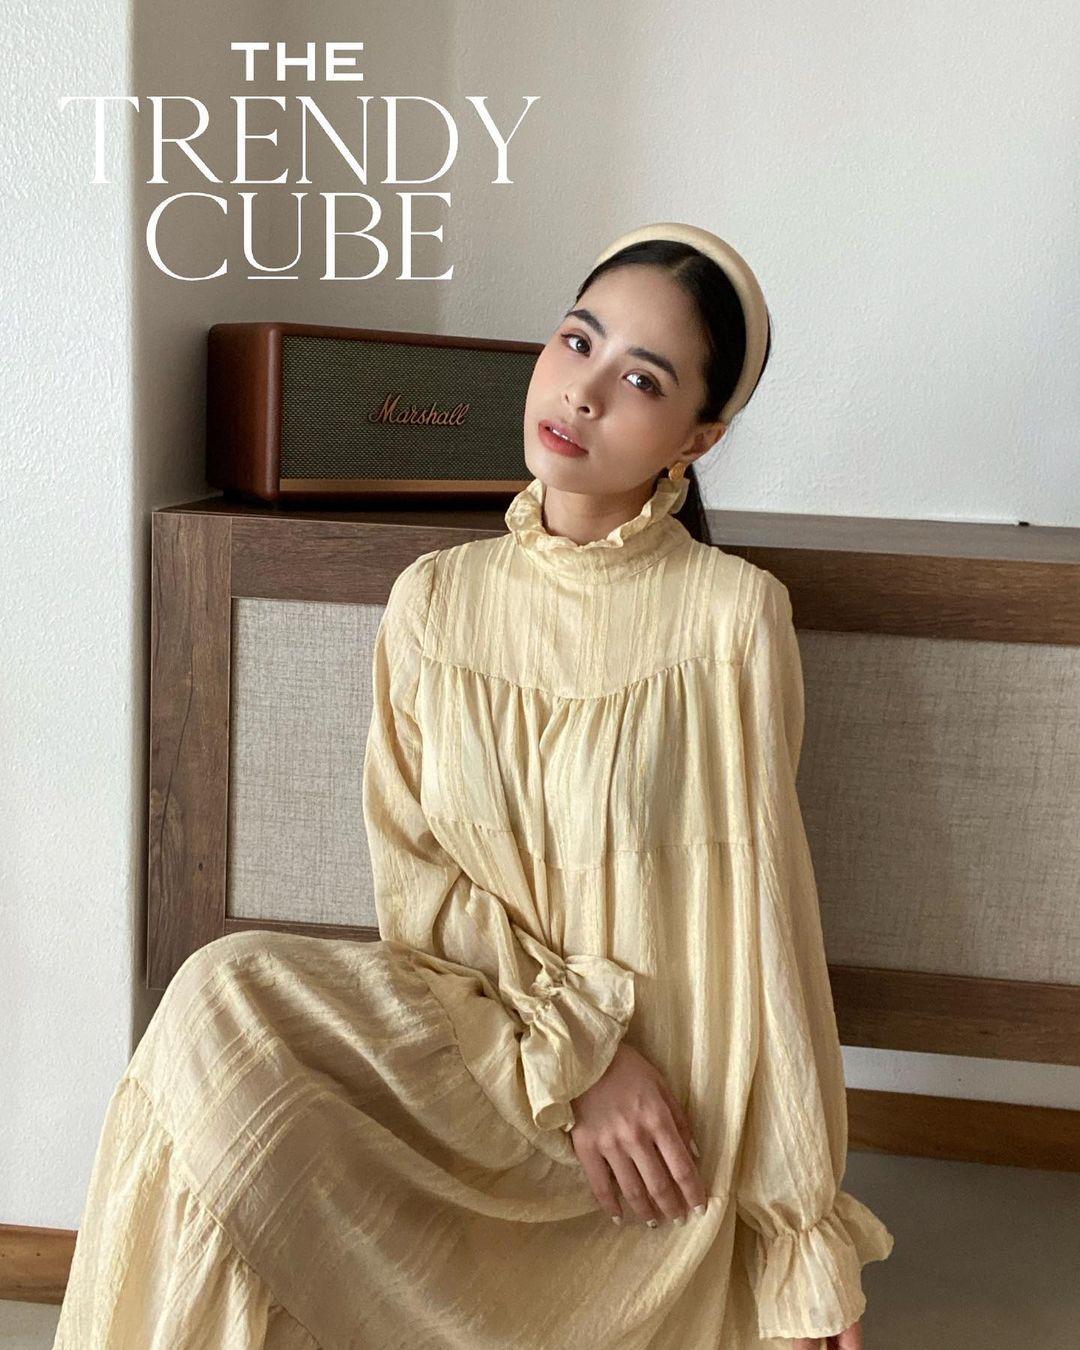 Học ca nương Kiều Anh tậu váy suông oversize giá chỉ vài trăm, mặc mát mà xinh như công chúa - Ảnh 3.